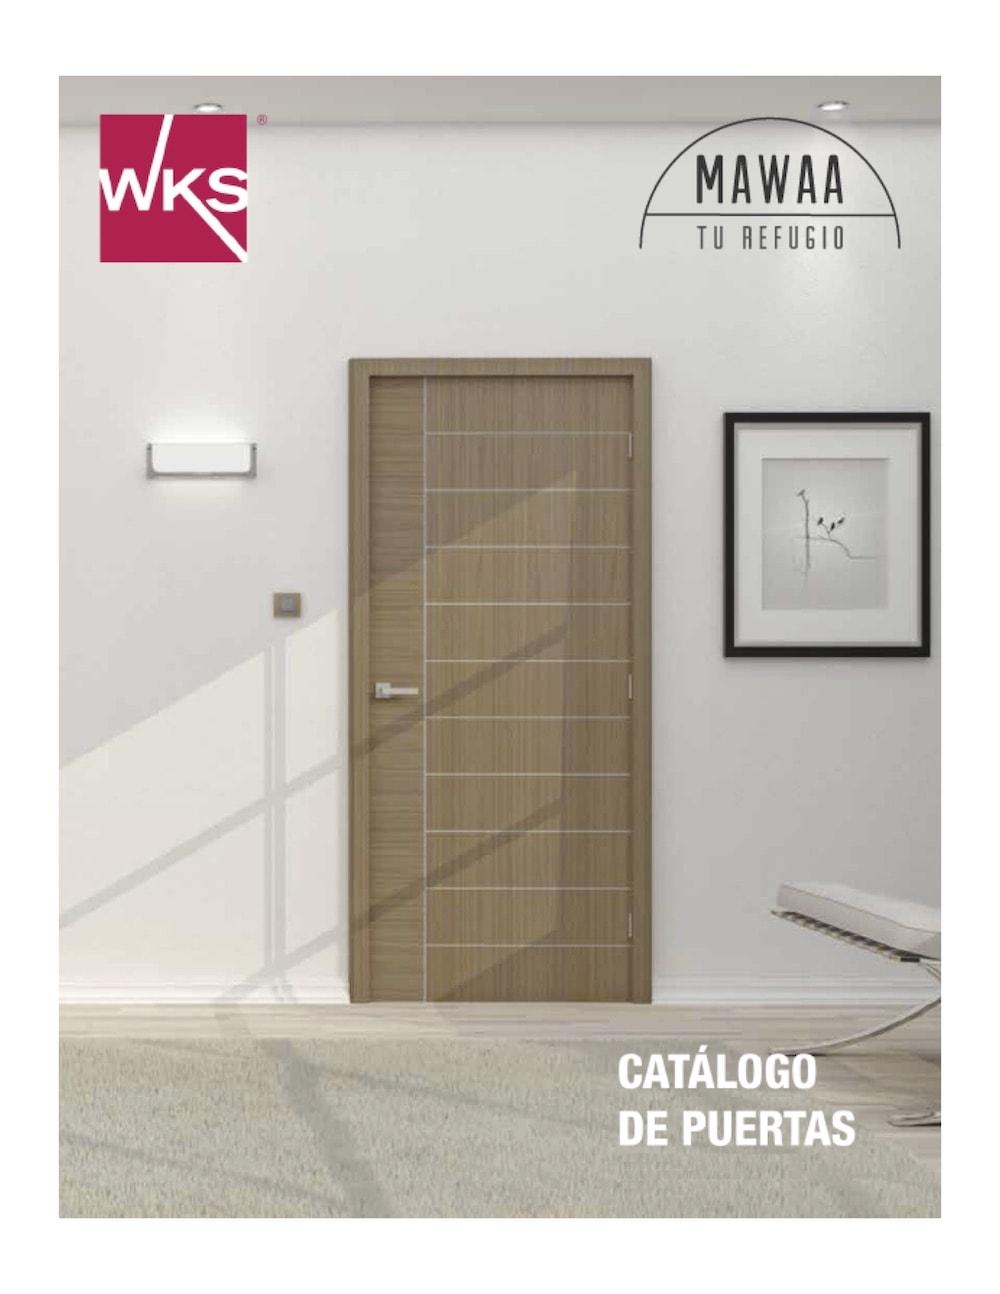 Catalogo_WKS_1